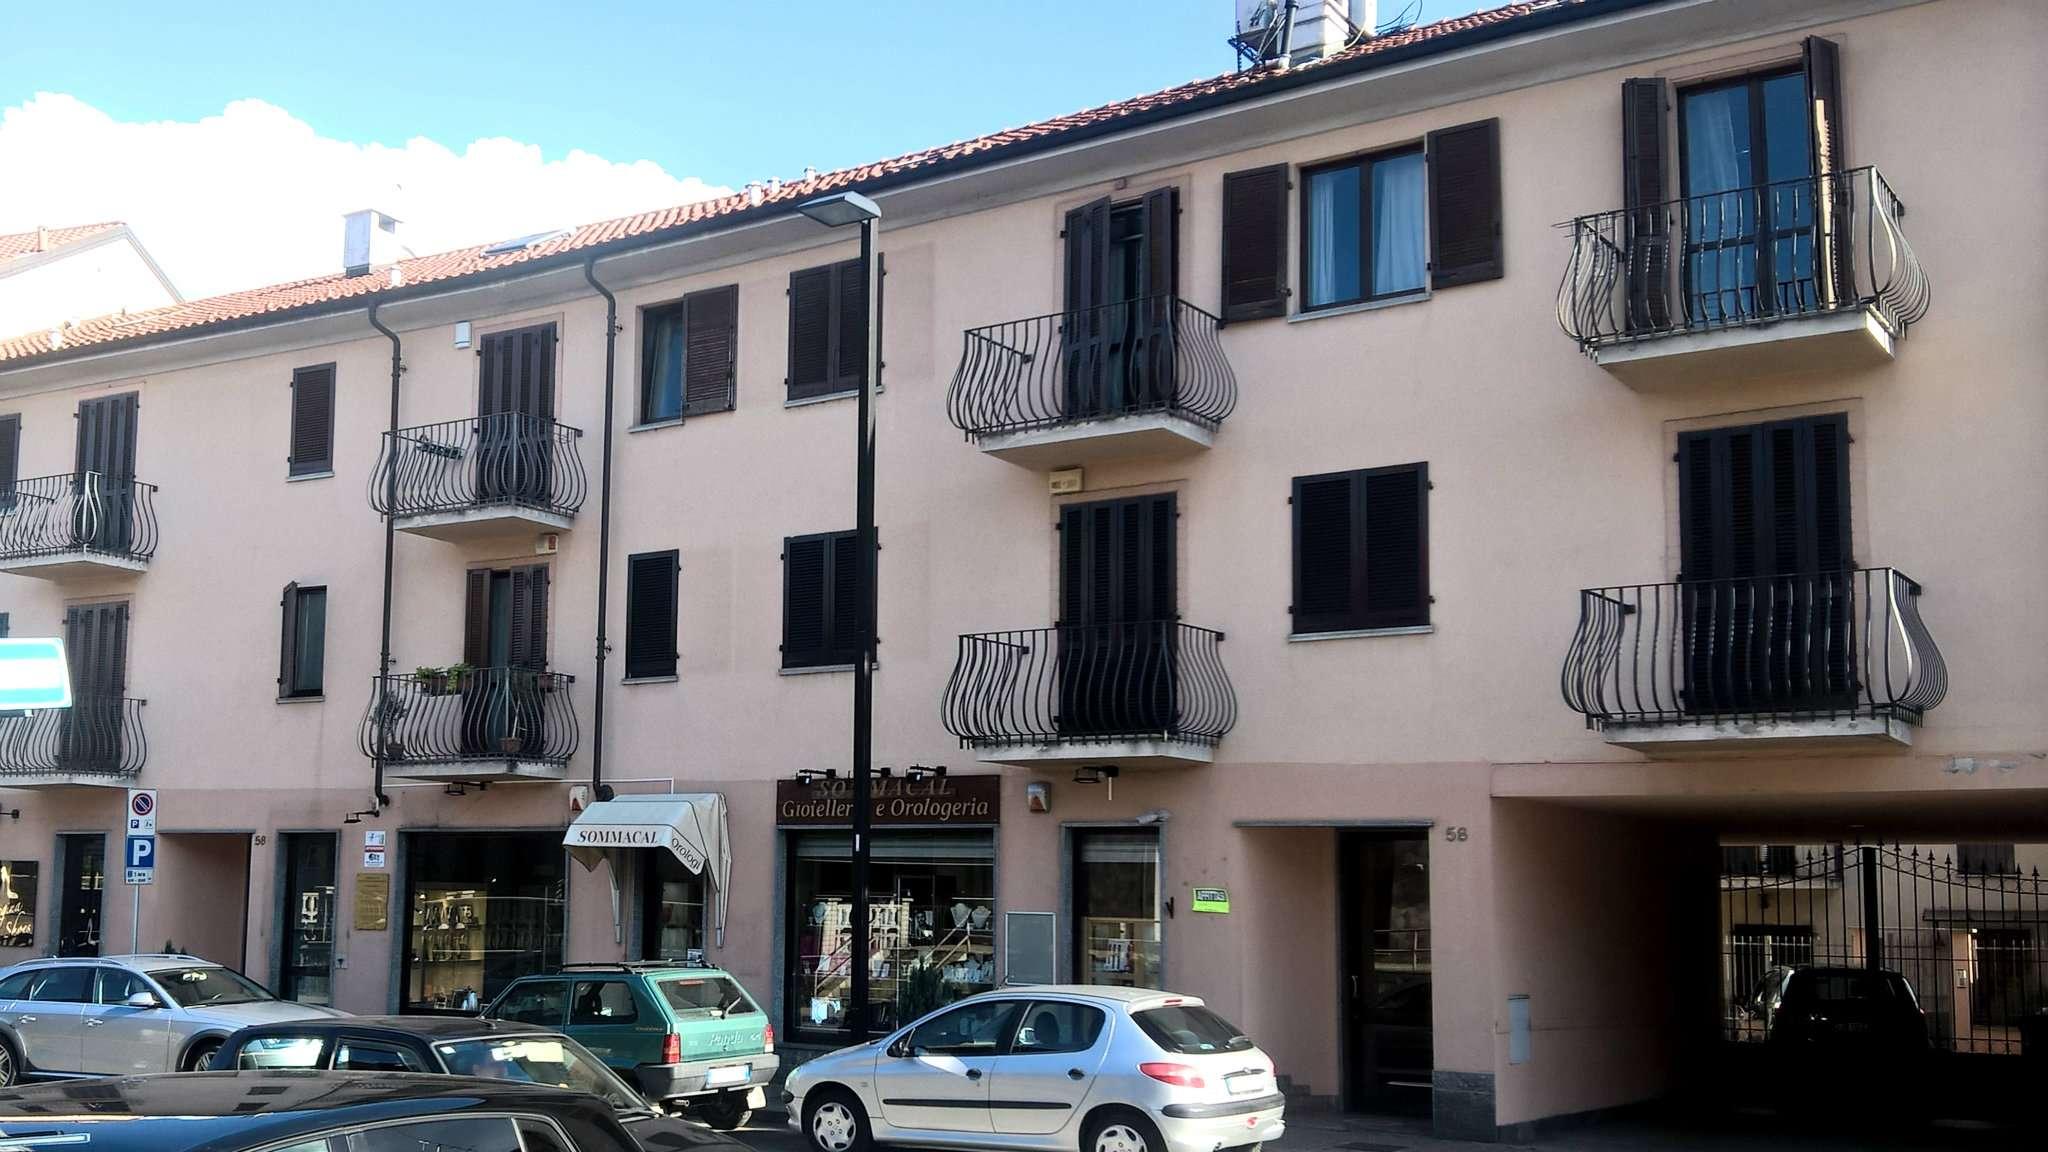 Negozio / Locale in vendita a Trofarello, 2 locali, prezzo € 140.000 | CambioCasa.it